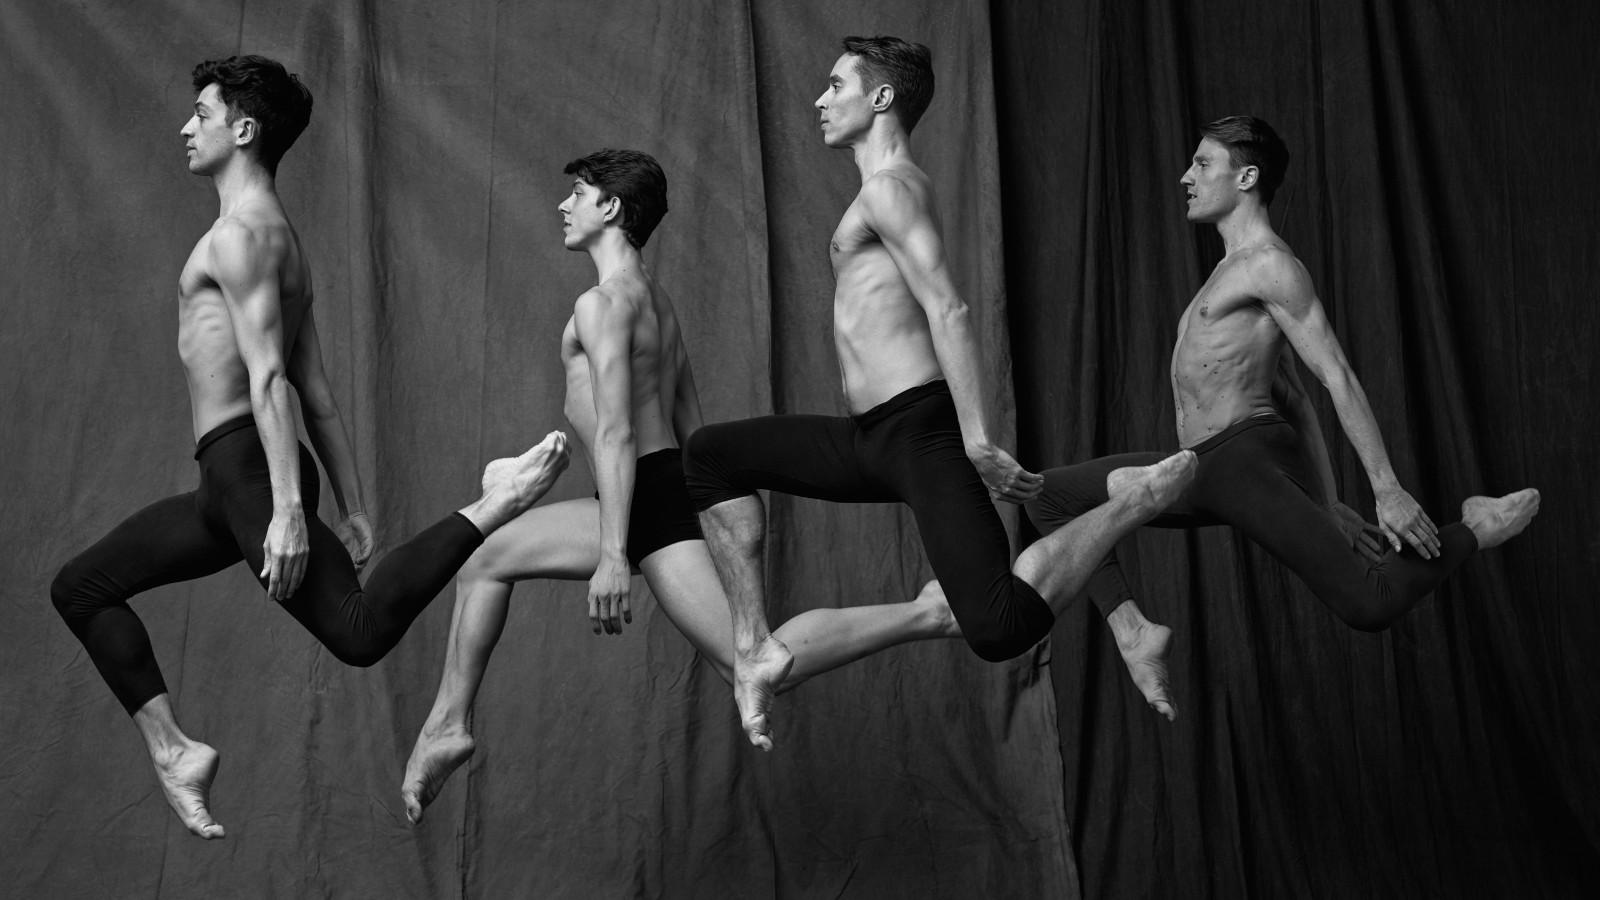 Мужчина балет картинки